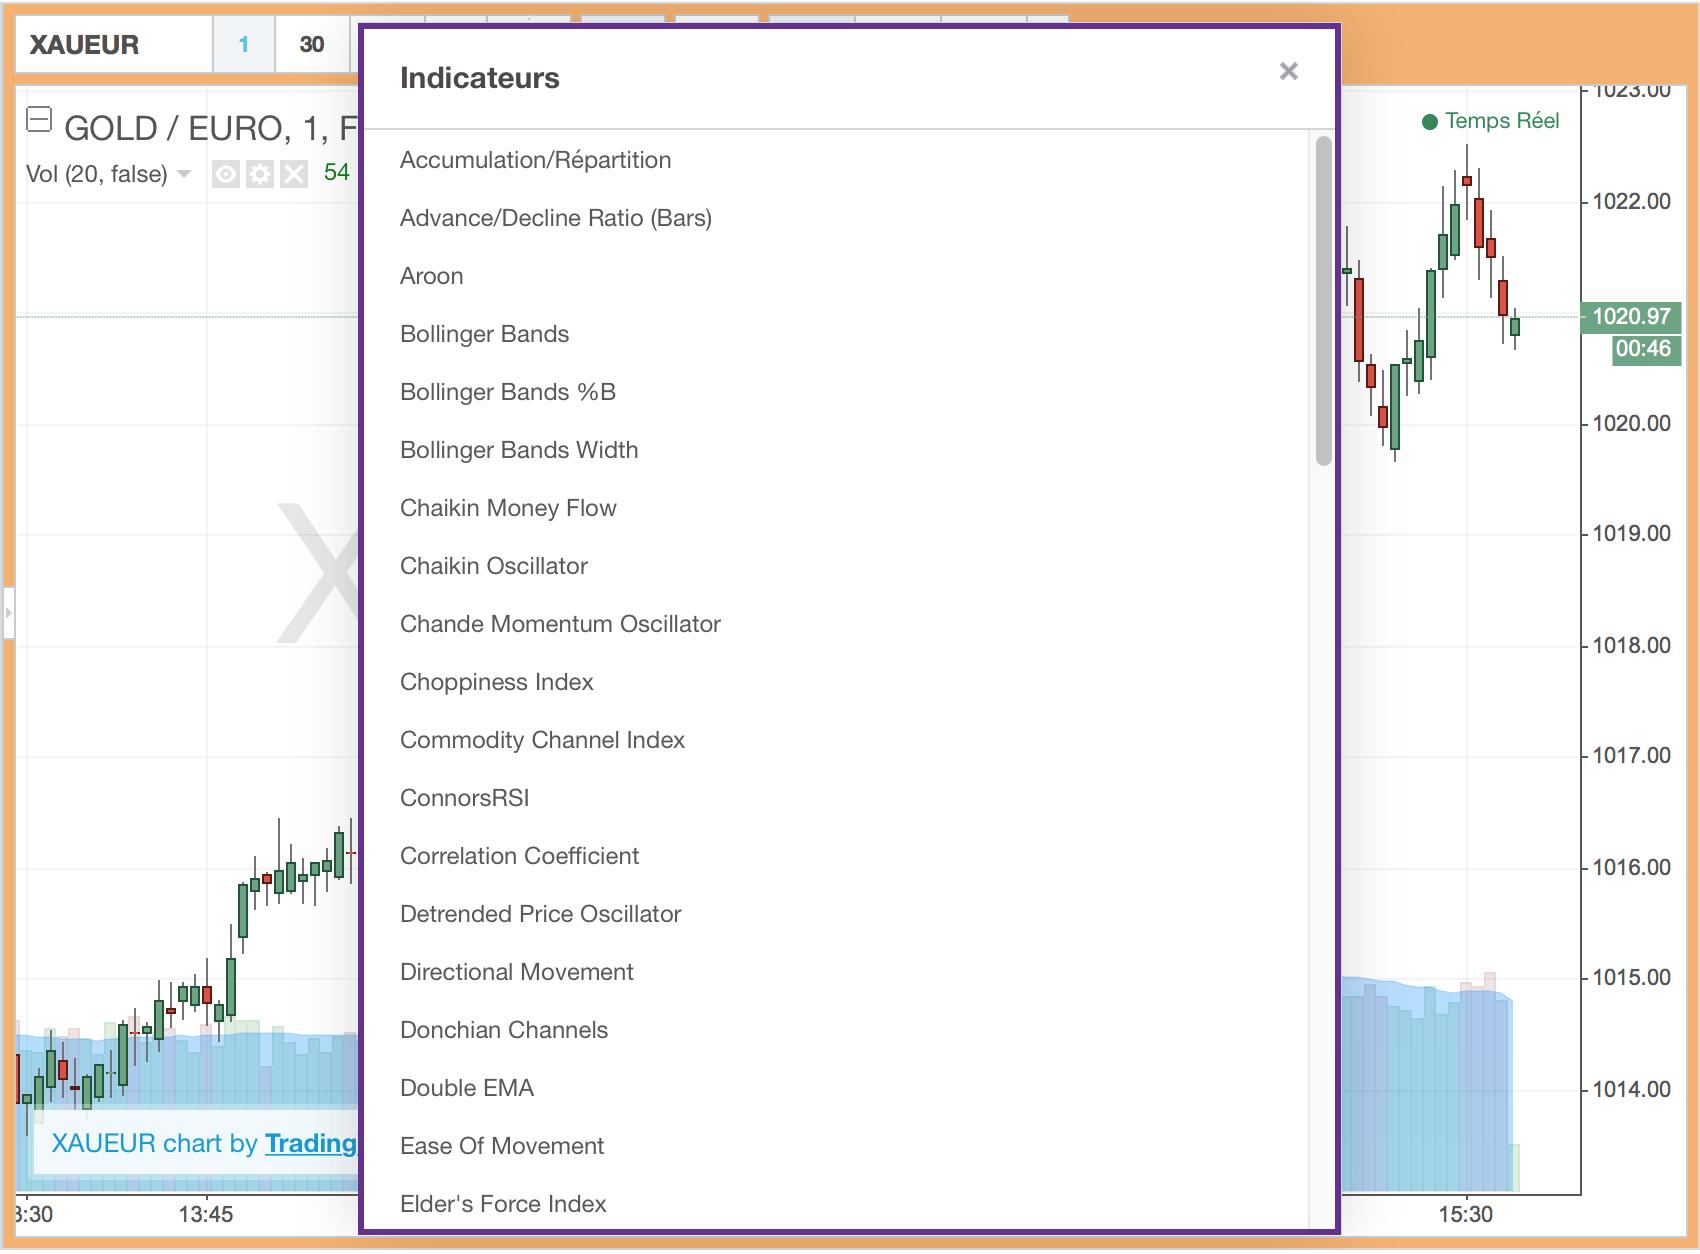 Dans près de 95% des cas, la valeur est comprise à l'intérieur des bandes. Dans un marché avec une forte volatilité (avec un écart type élevé), on dit que la tendance est forte, on peut alors voir des bandes éloignées. Dans le cas inverse, si les bandes sont resserrées, on peut en conclure une absence de tendance.